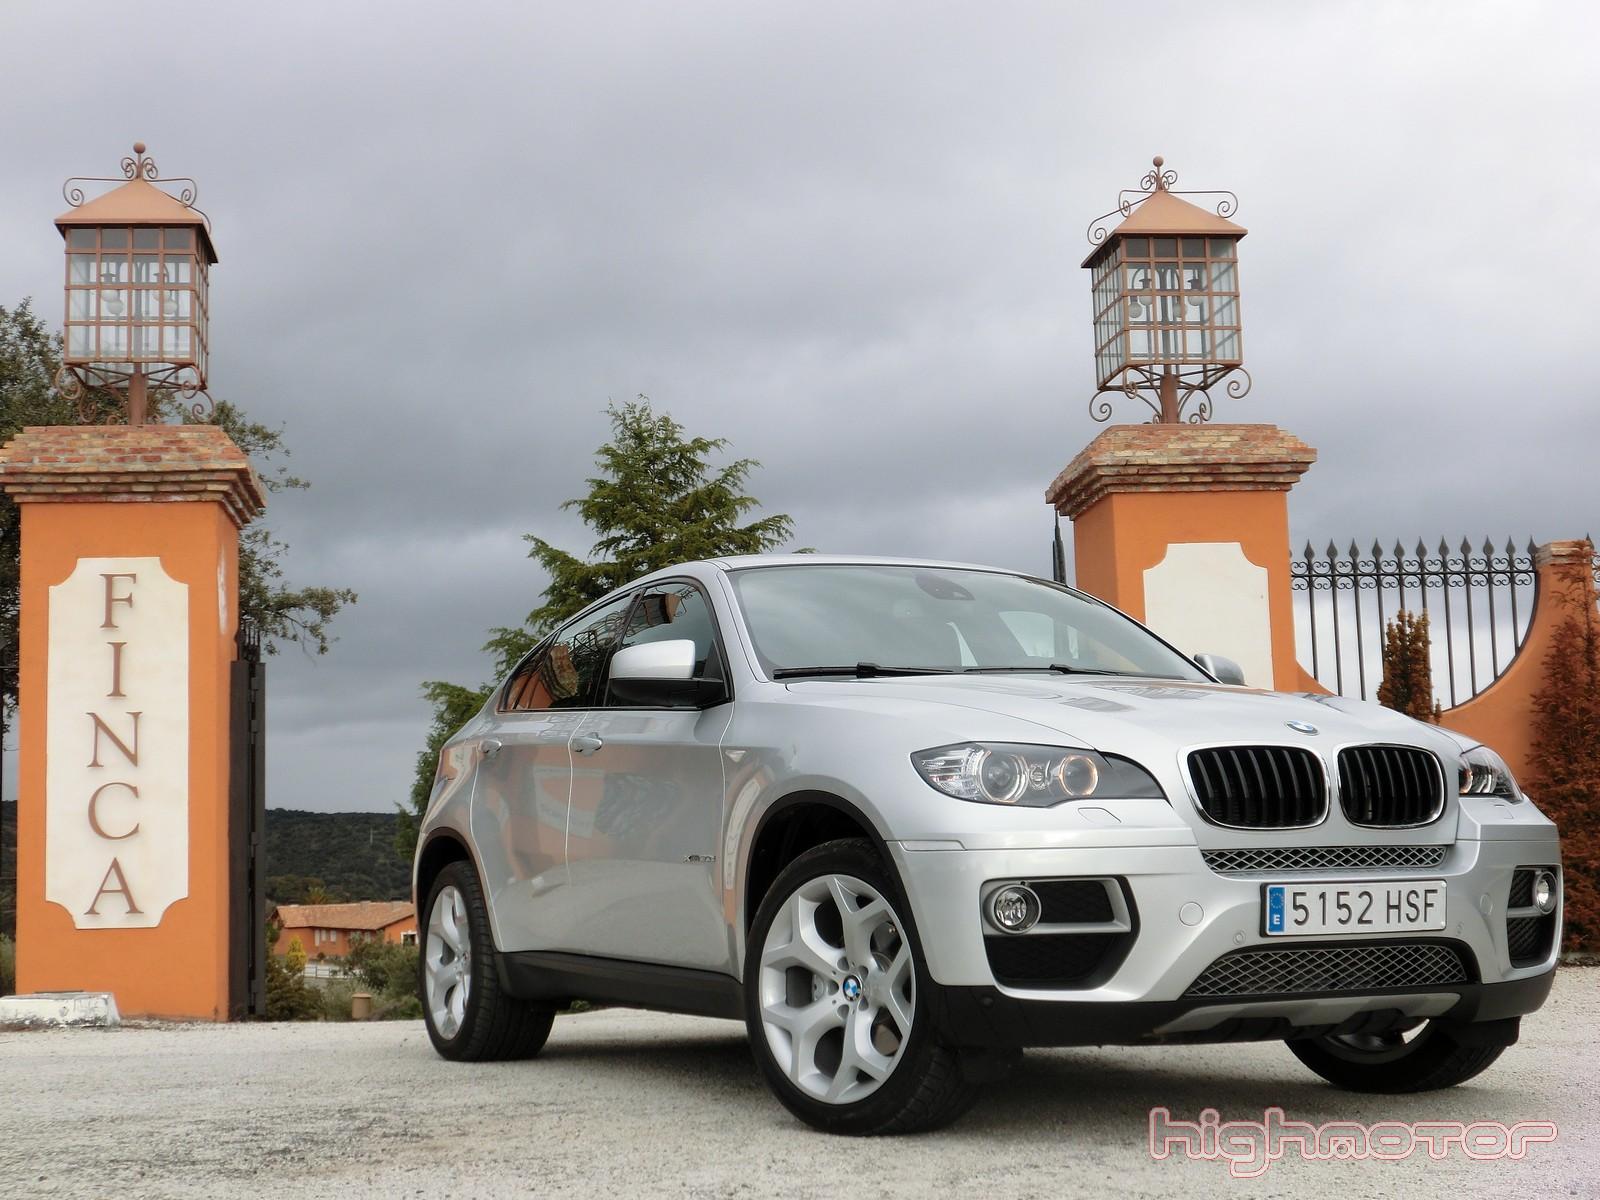 BMW X6 xDrive 30d 245 CV, prueba (Equipamiento, precios y valoración)